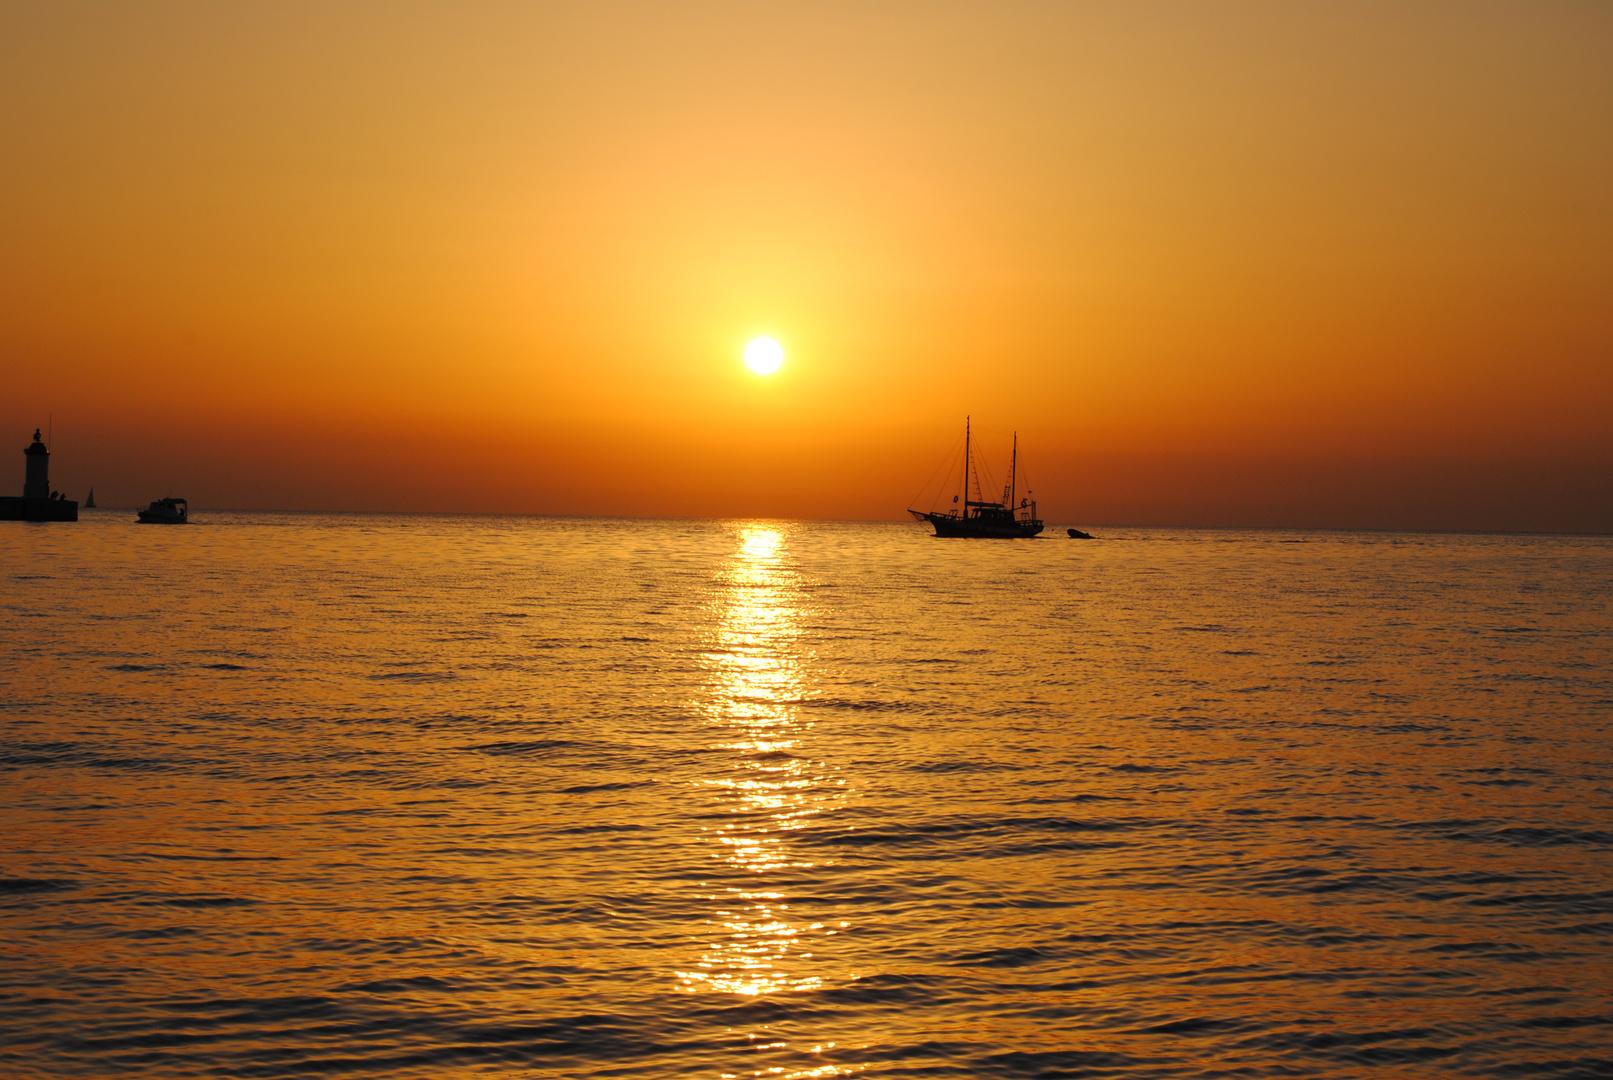 tramonto a Porec(Parenzo) Croazia